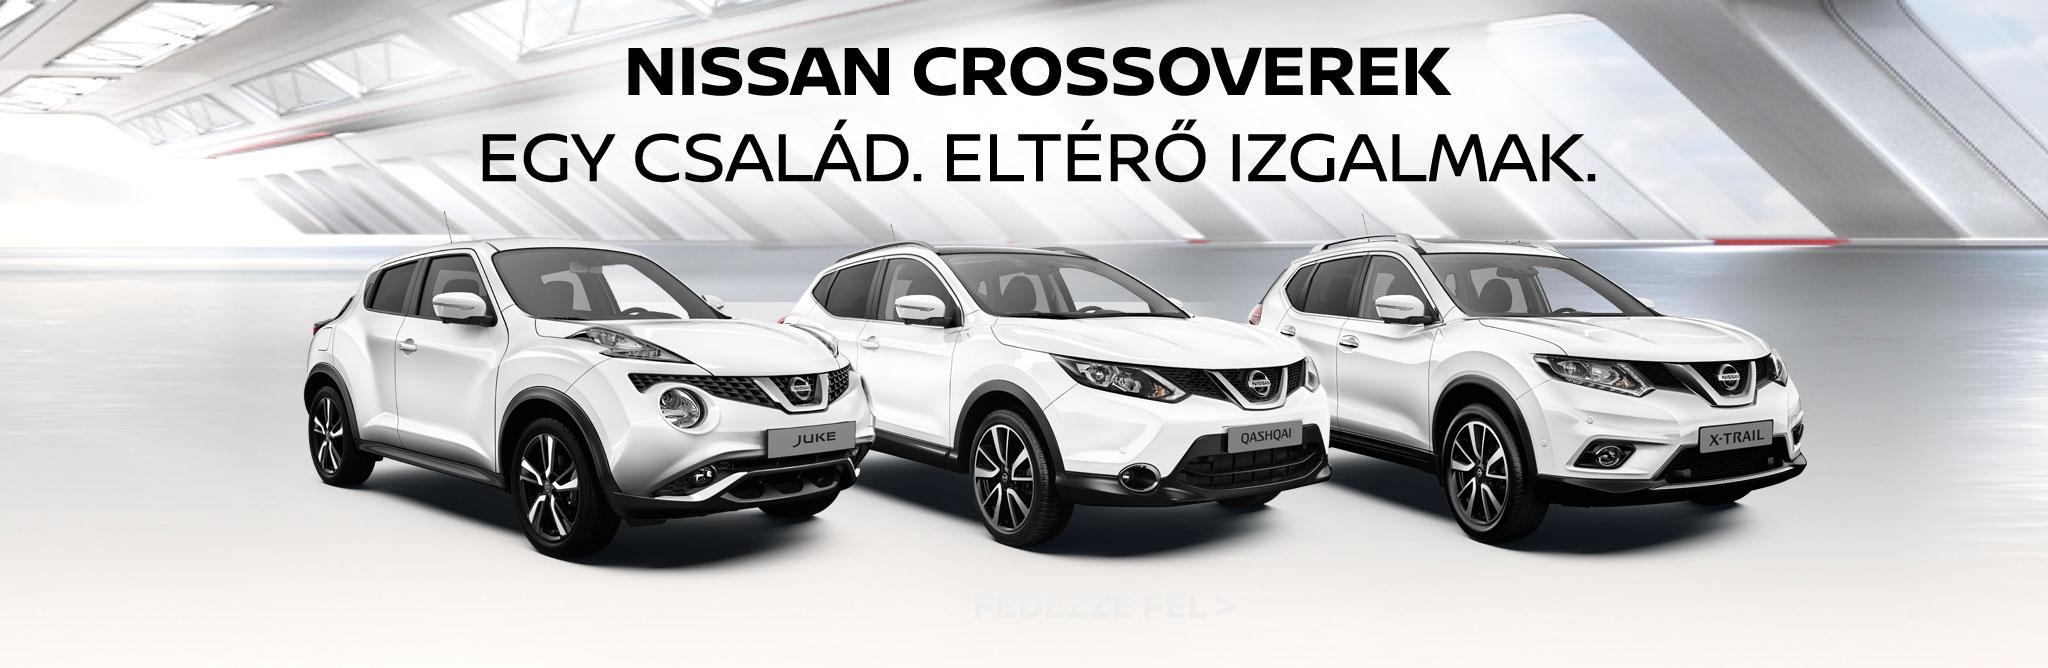 Nissan Crossoverek